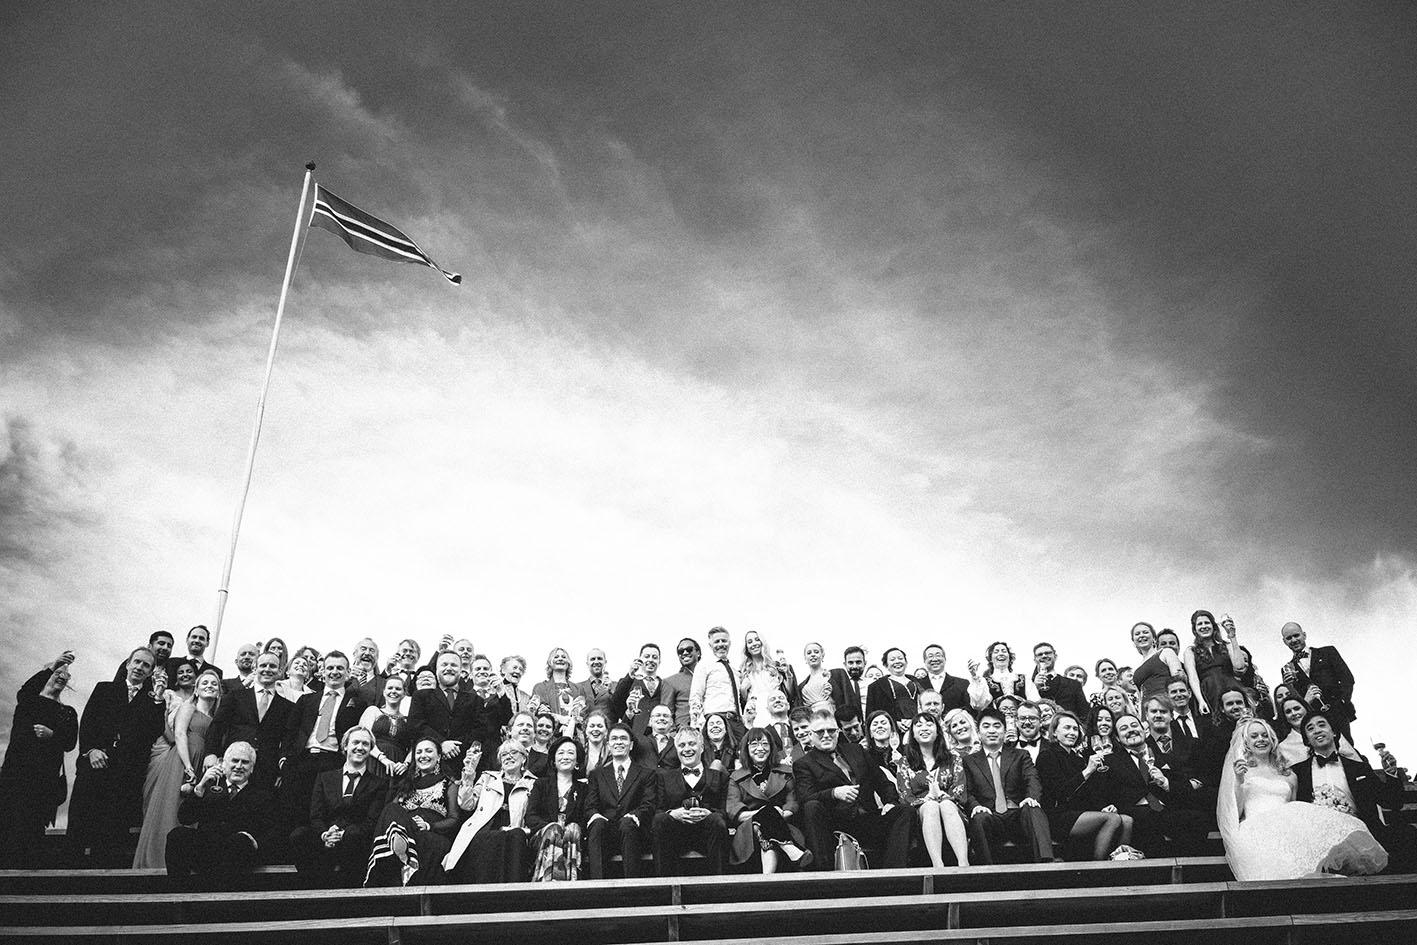 Samle bilde av alle gjester med det norske flagget i bakgrunnen, tatt av bryllupsfotograf Oslo